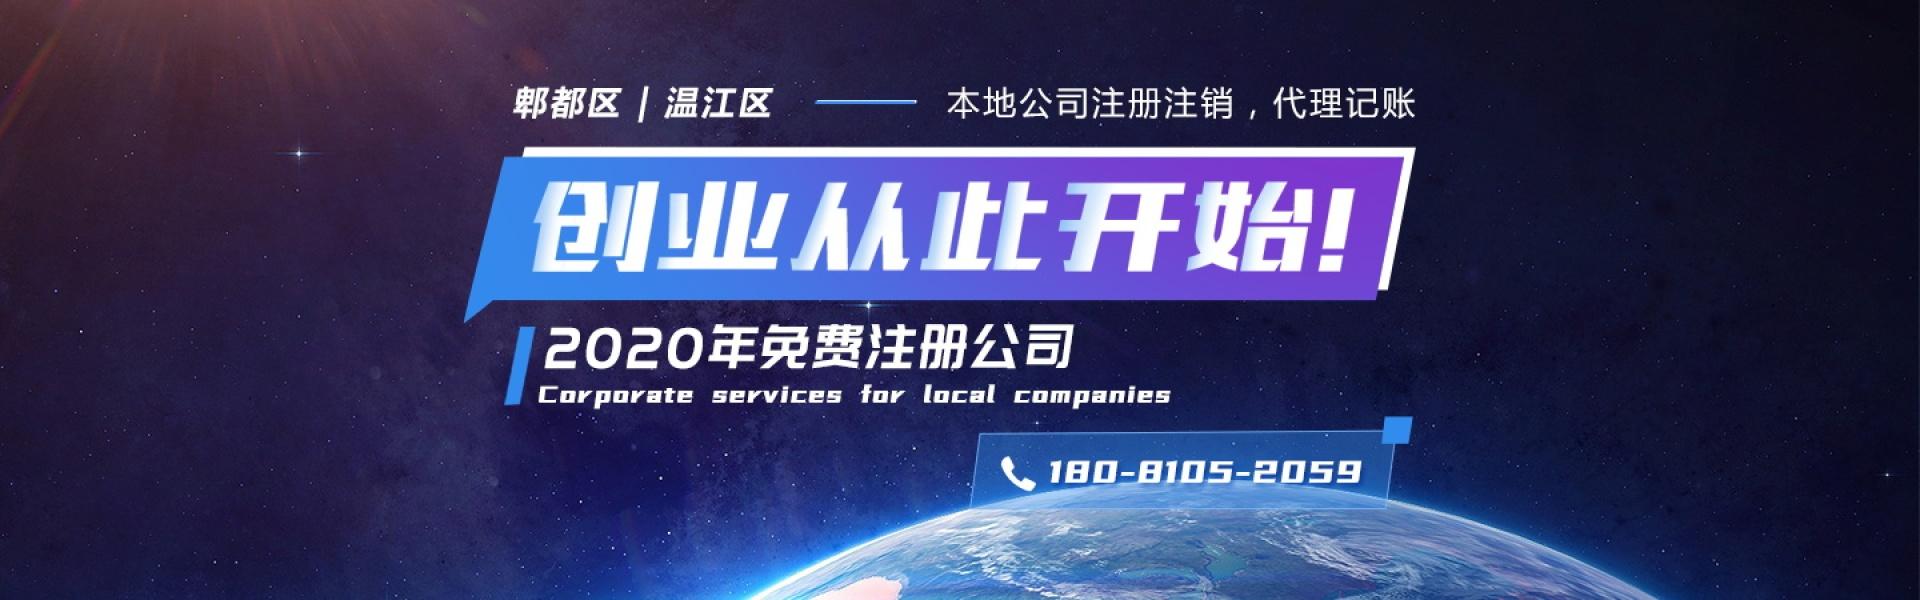 火狐体育直播平台下载公司注册